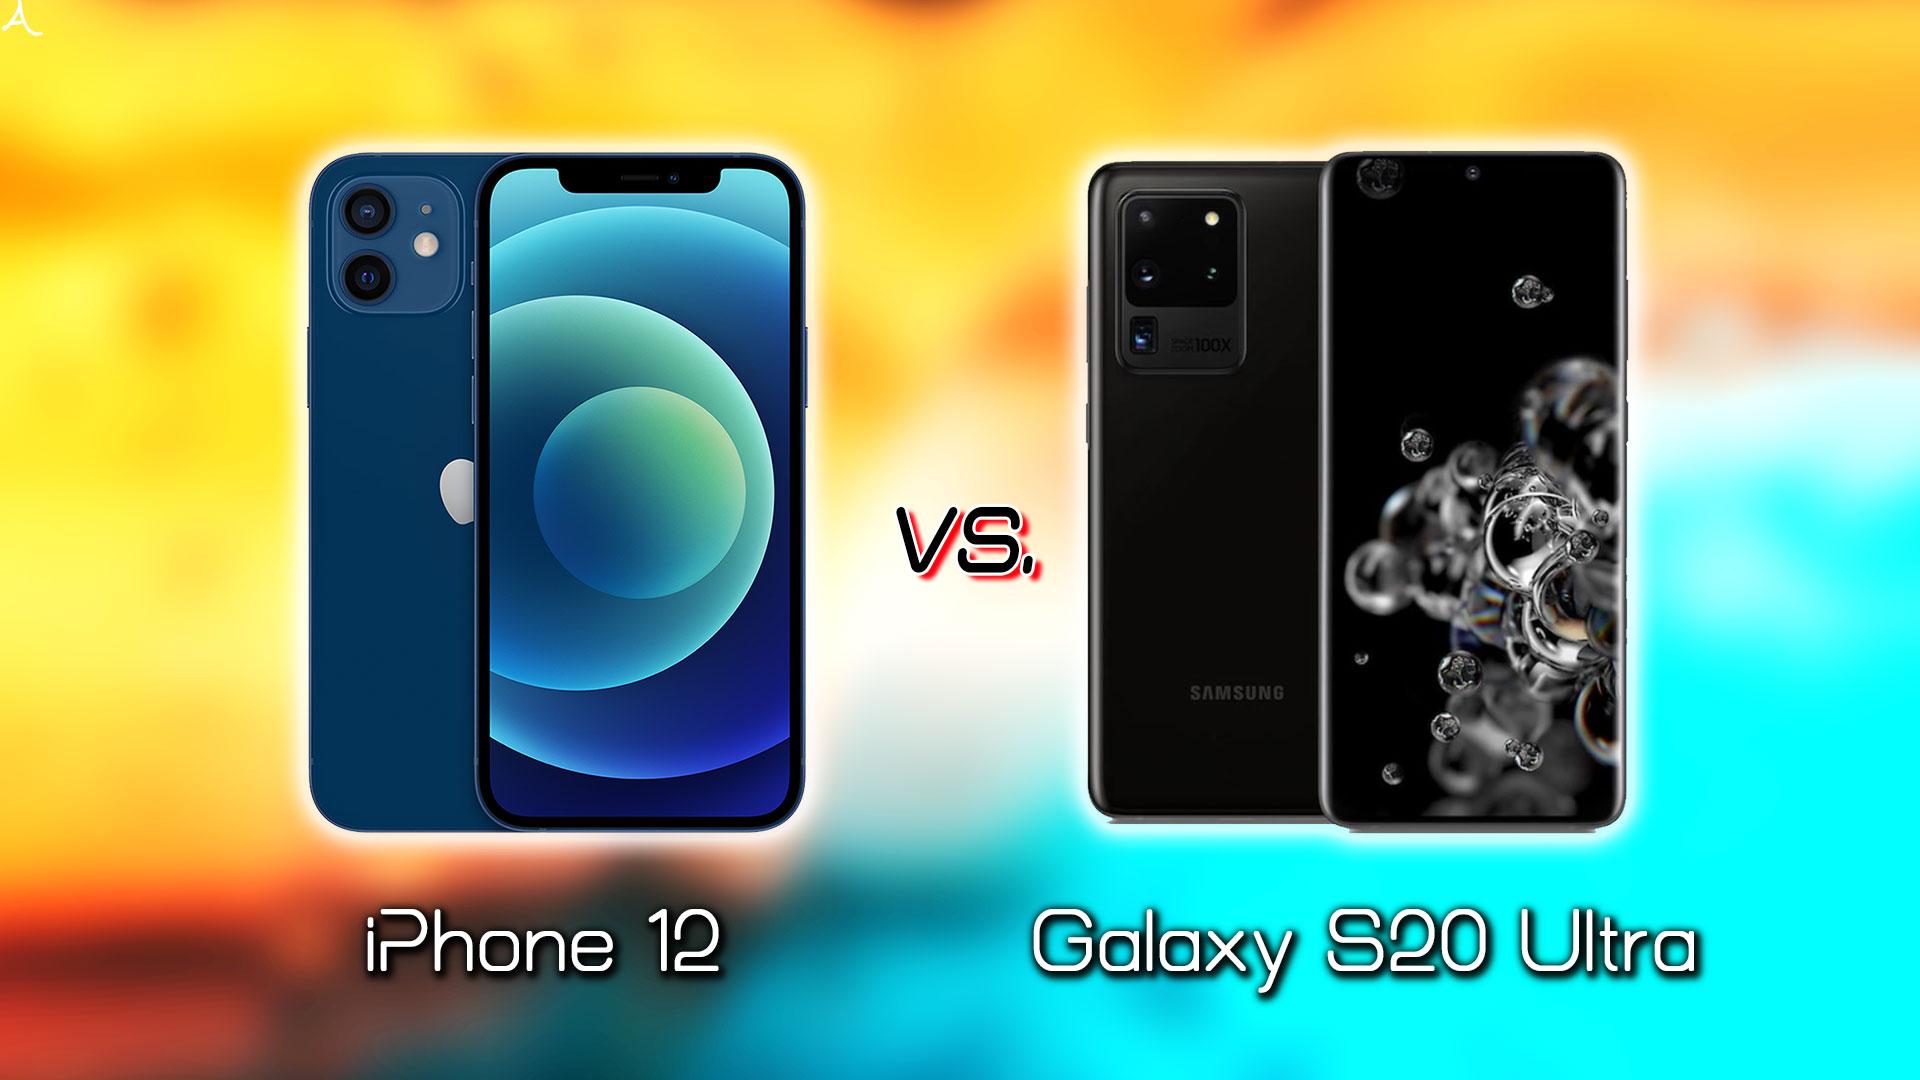 「iPhone 12」と「Galaxy S20 Ultra」の違いを比較:どっちを買う?